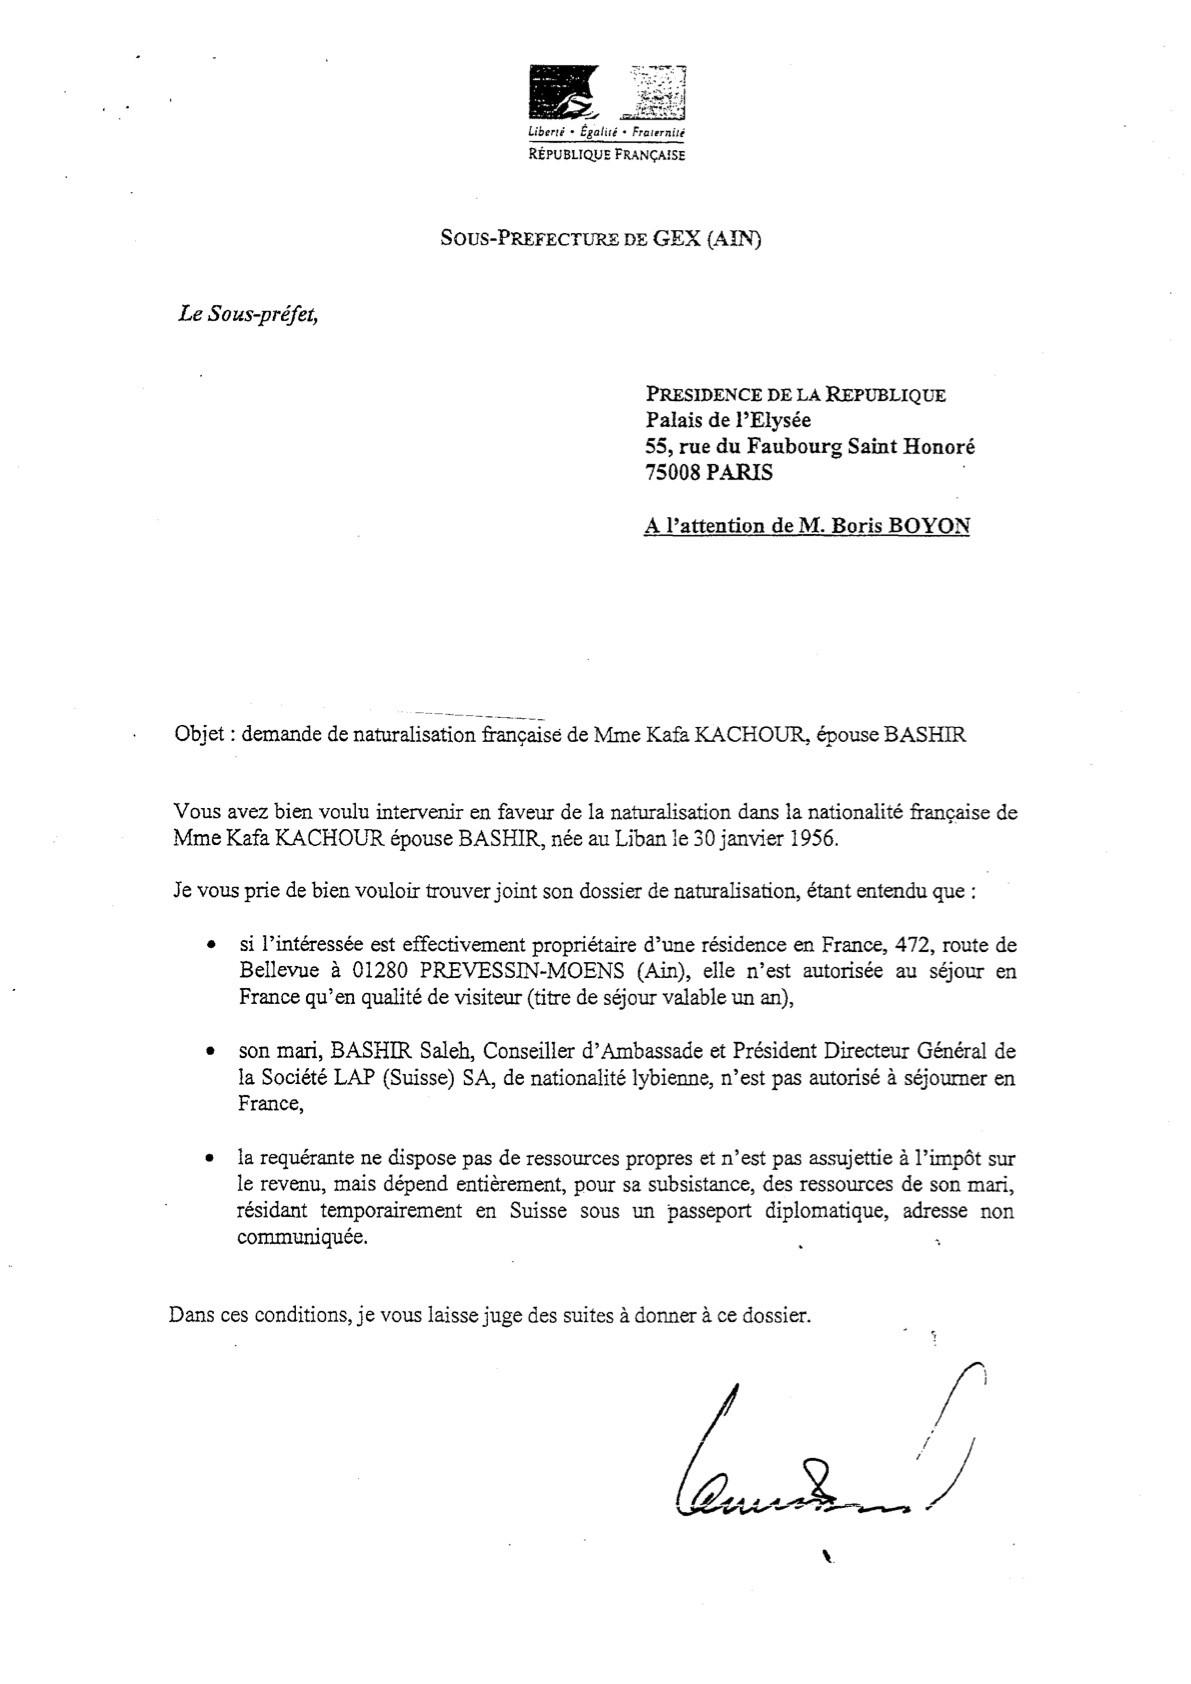 lettre de motivation sous prefecture